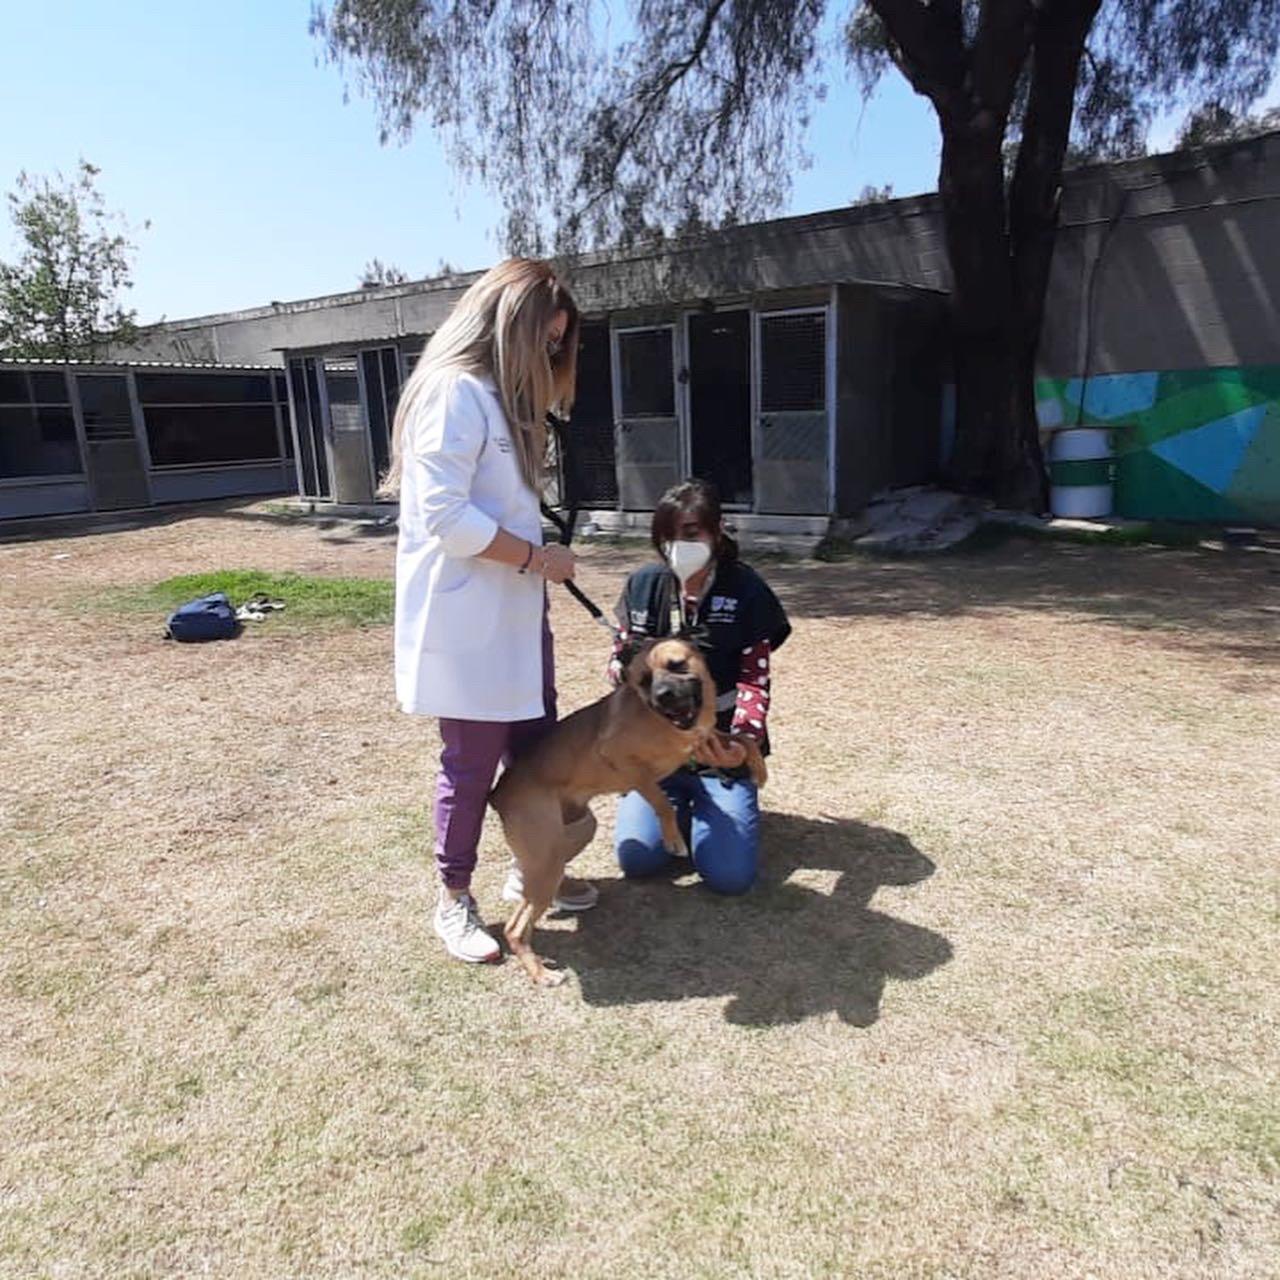 Elmar, un can del CTC apoyará a niños con necesidades de educación especiales